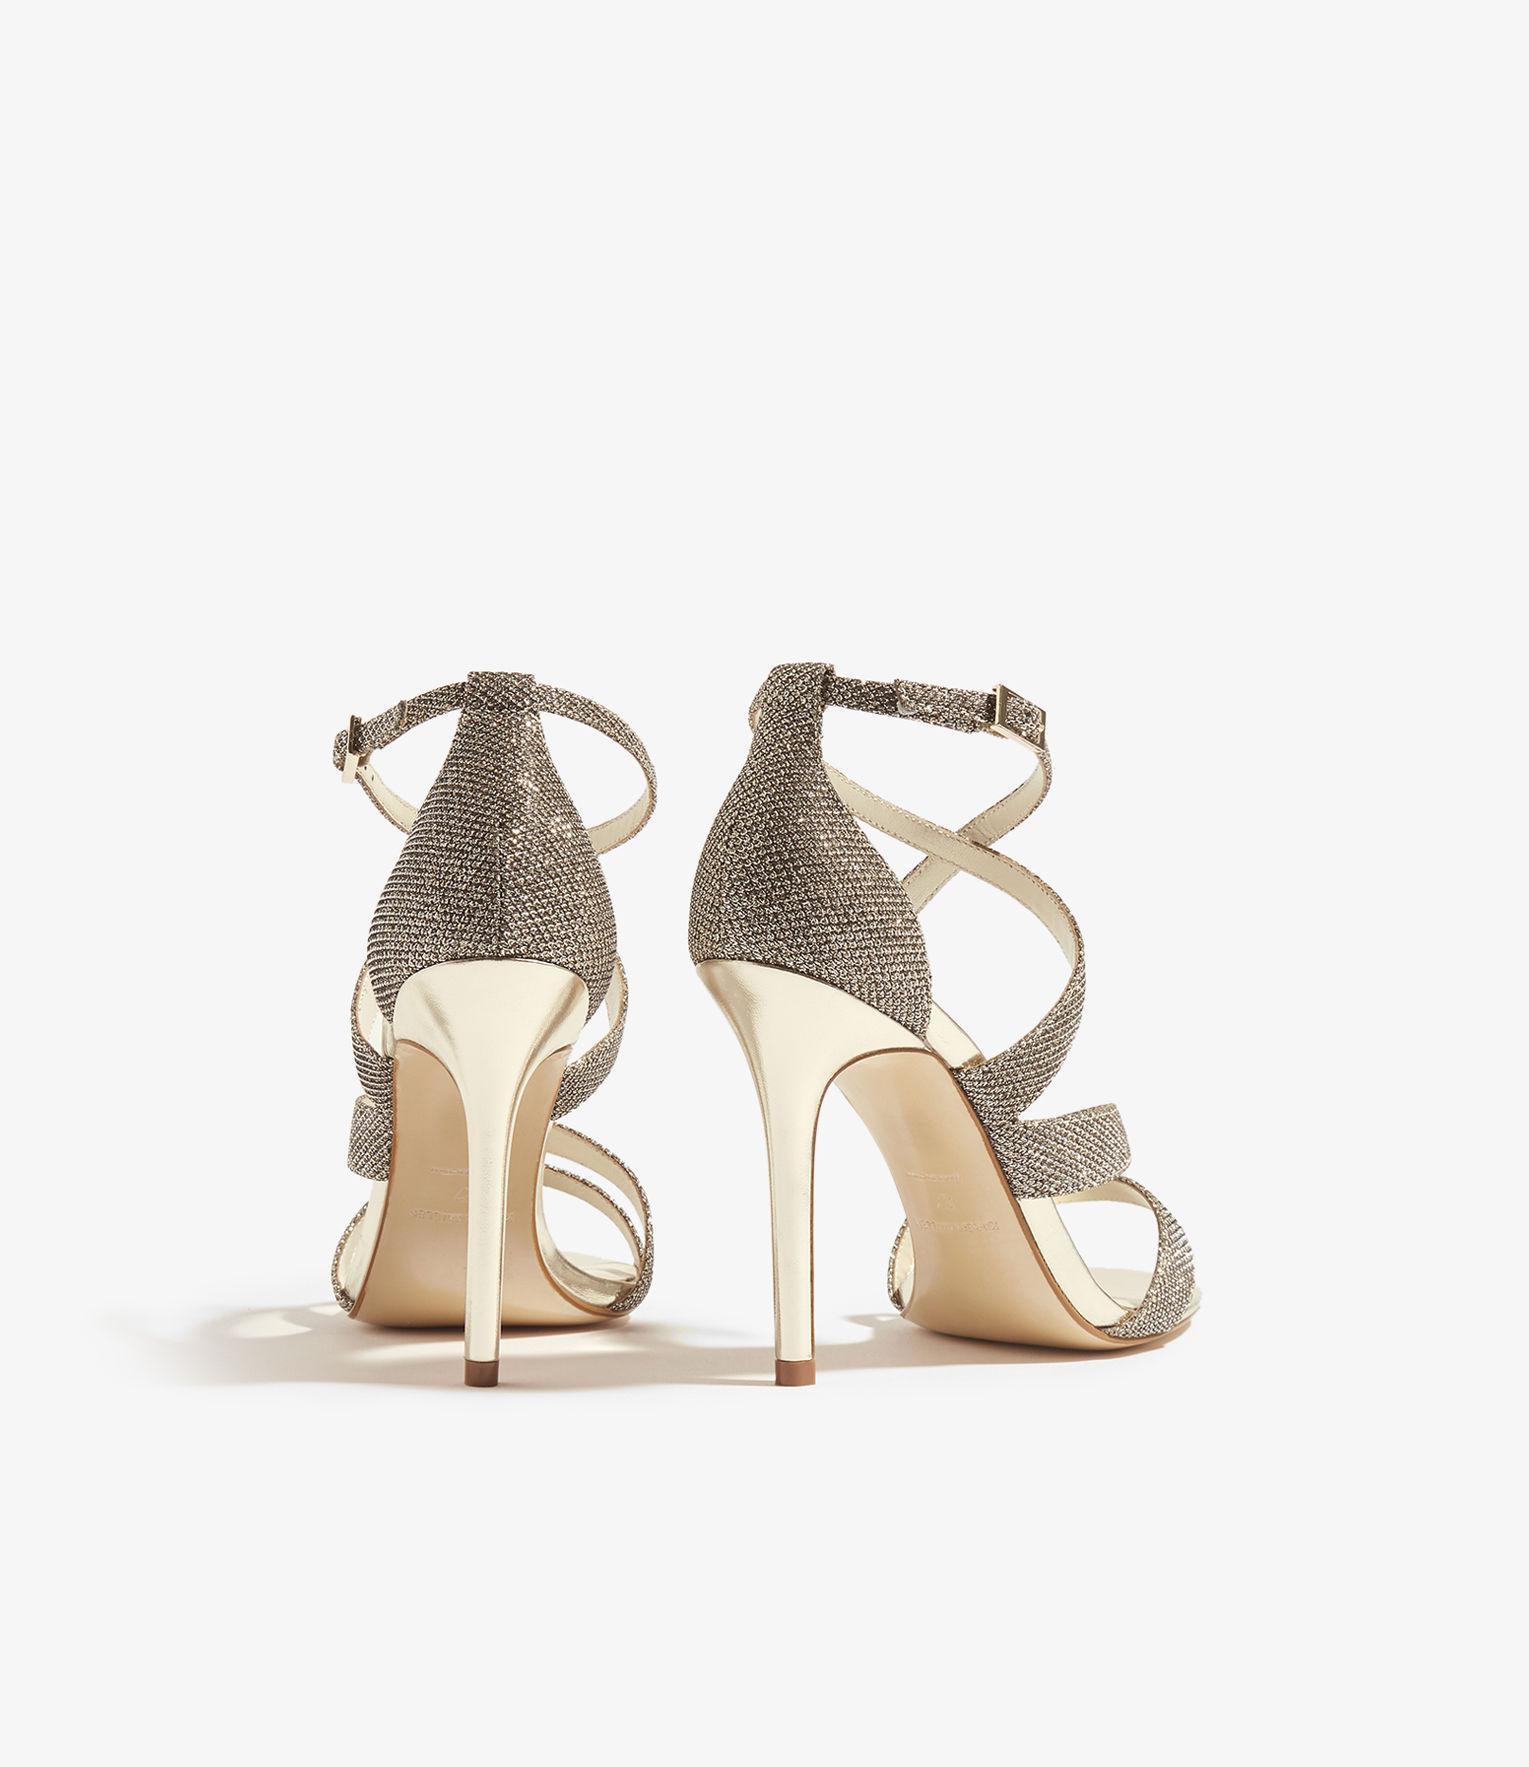 1d1a99c793a Karen Millen - Metallic Glitter Fabric Sandal - Gold - Lyst. View fullscreen